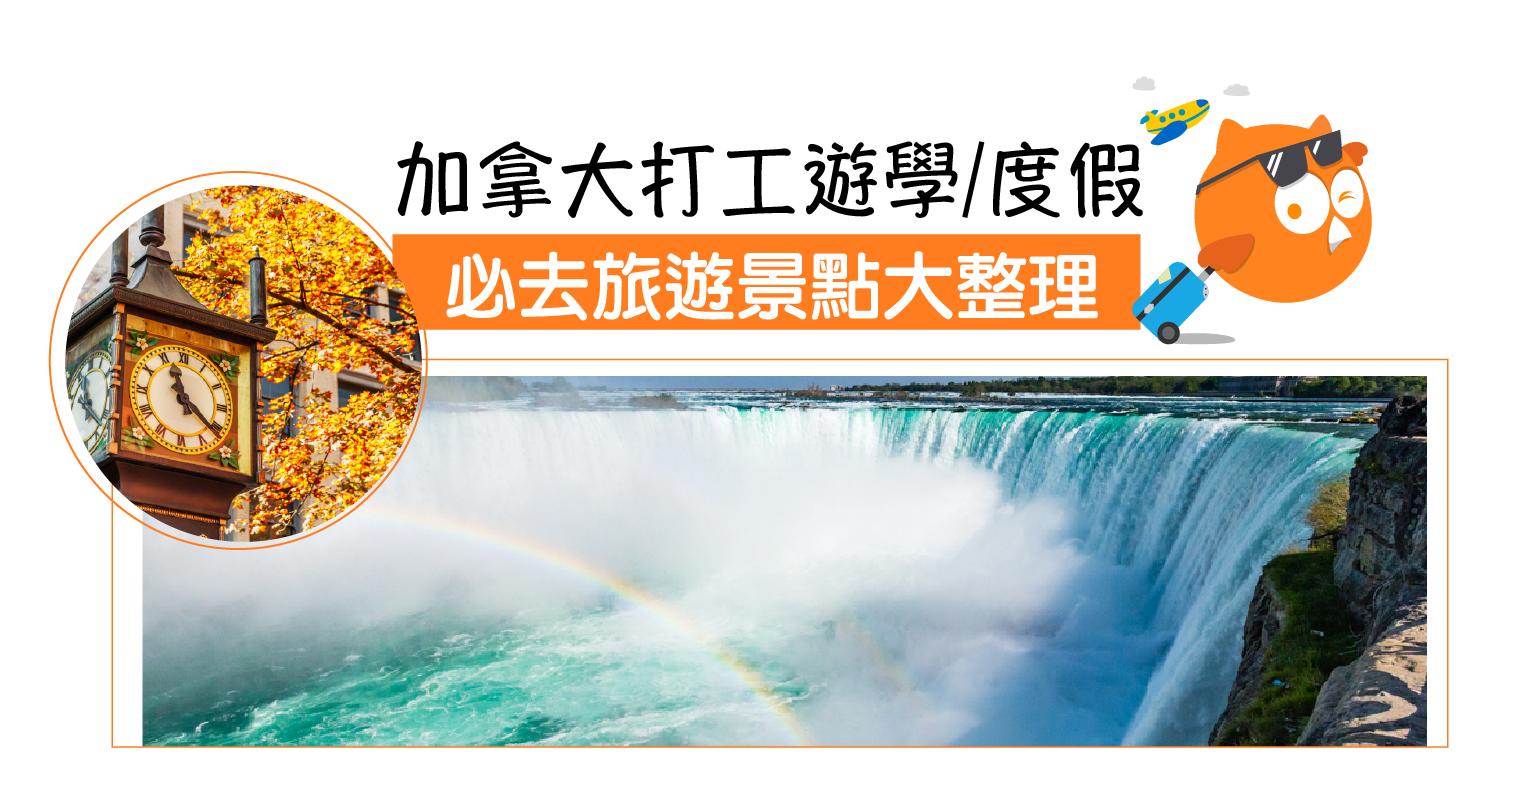 2020最新!加拿大打工度假/遊學必去旅遊景點大整理!